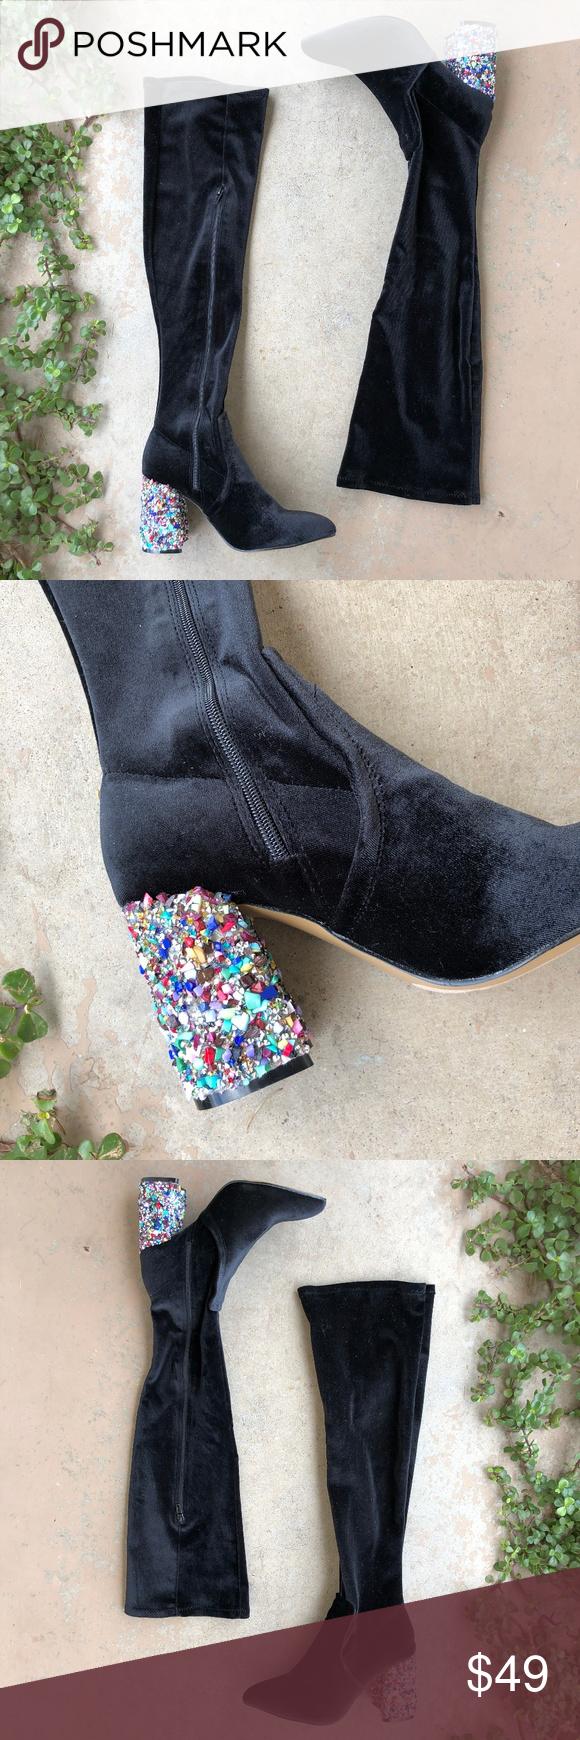 b8721df0d3a Betsey Johnson Velvet Knee High OTK Sock Boots Black velvet sock boots in  the style